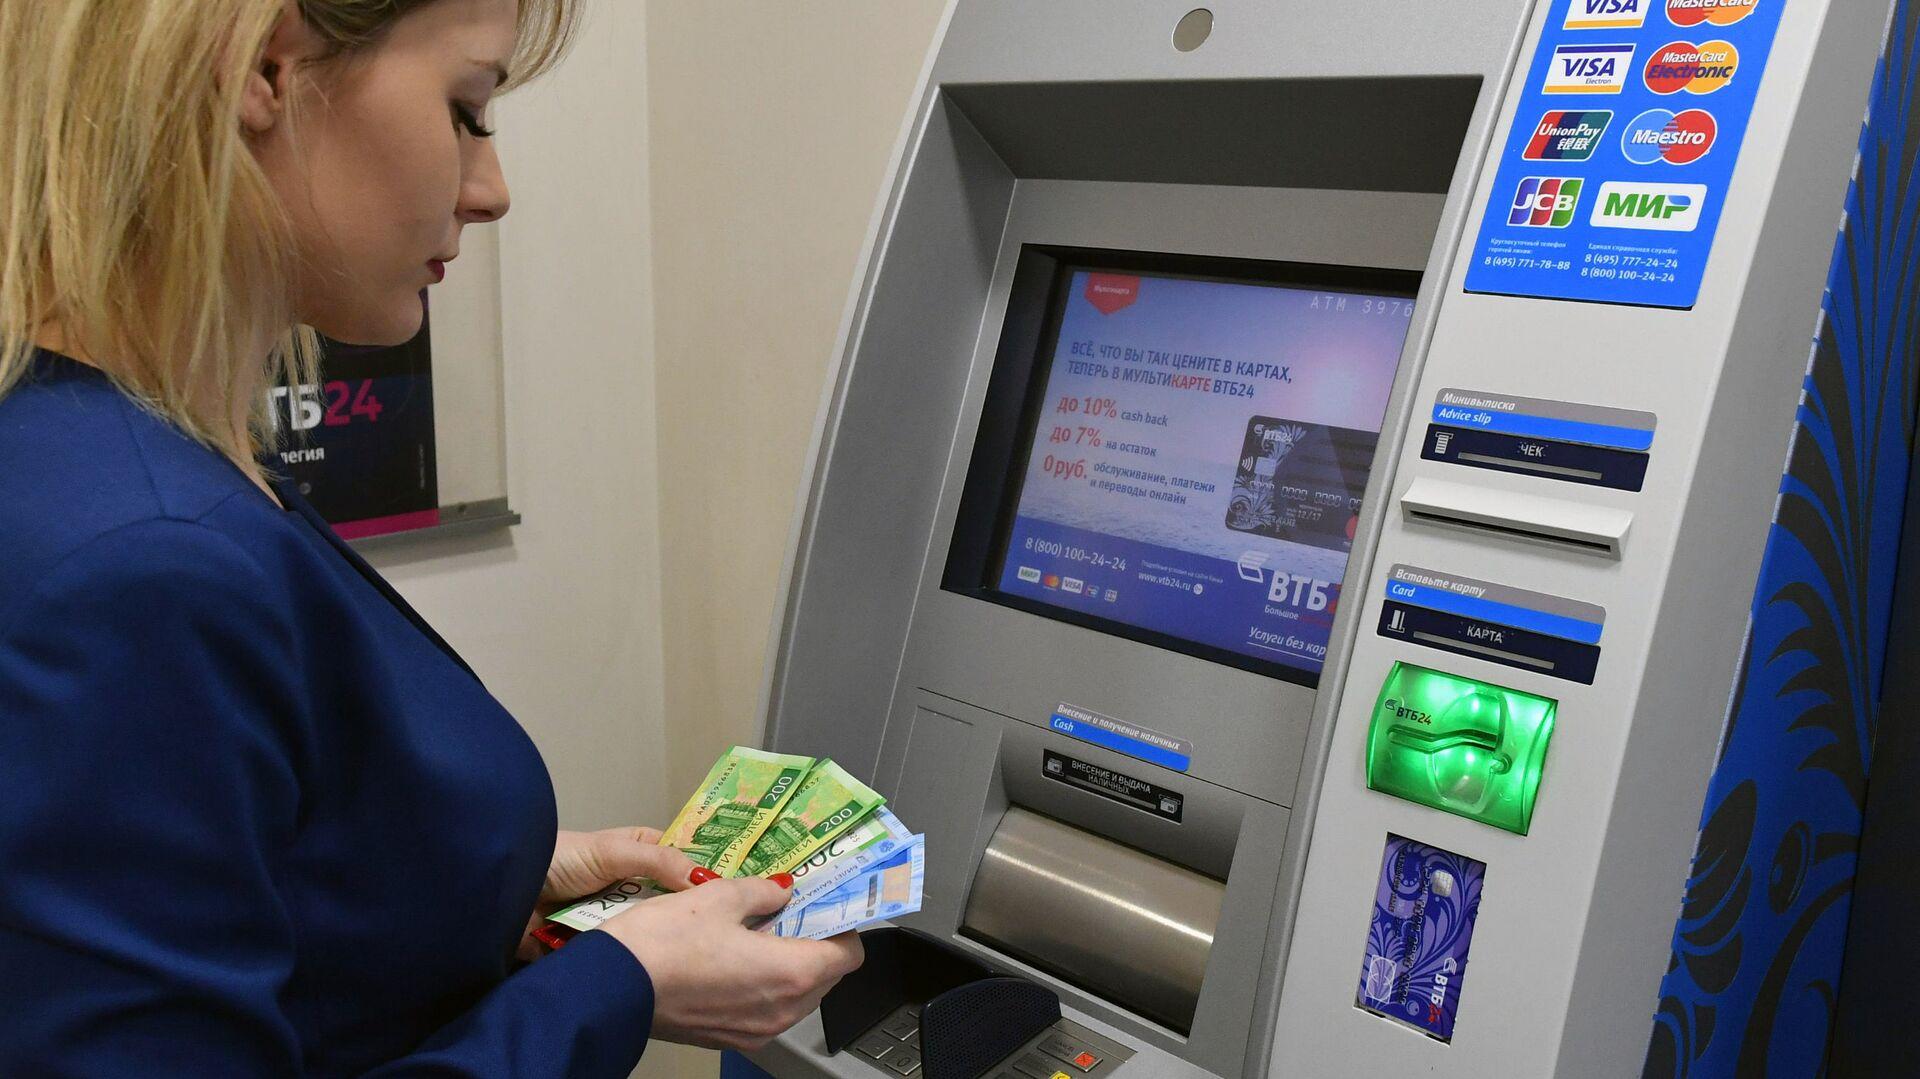 ВТБ обезопасит банковские карты с помощью  искусственного интеллекта